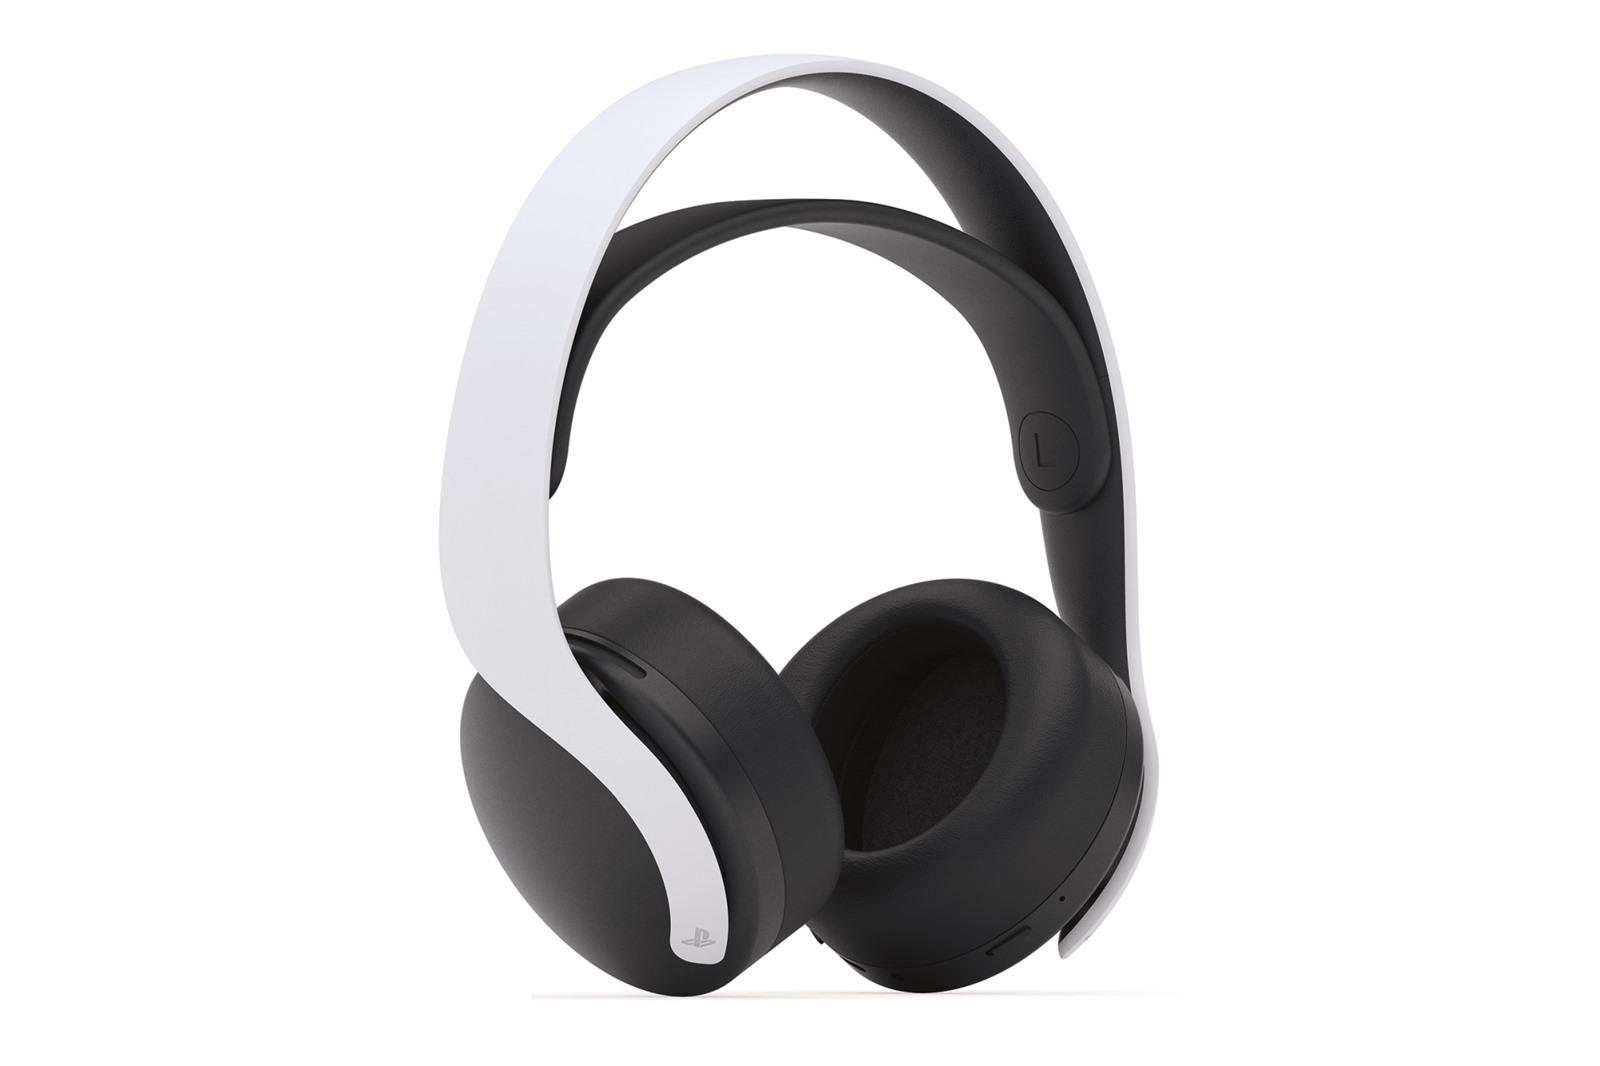 Sony PULSE 3D Wireless Headset PS5